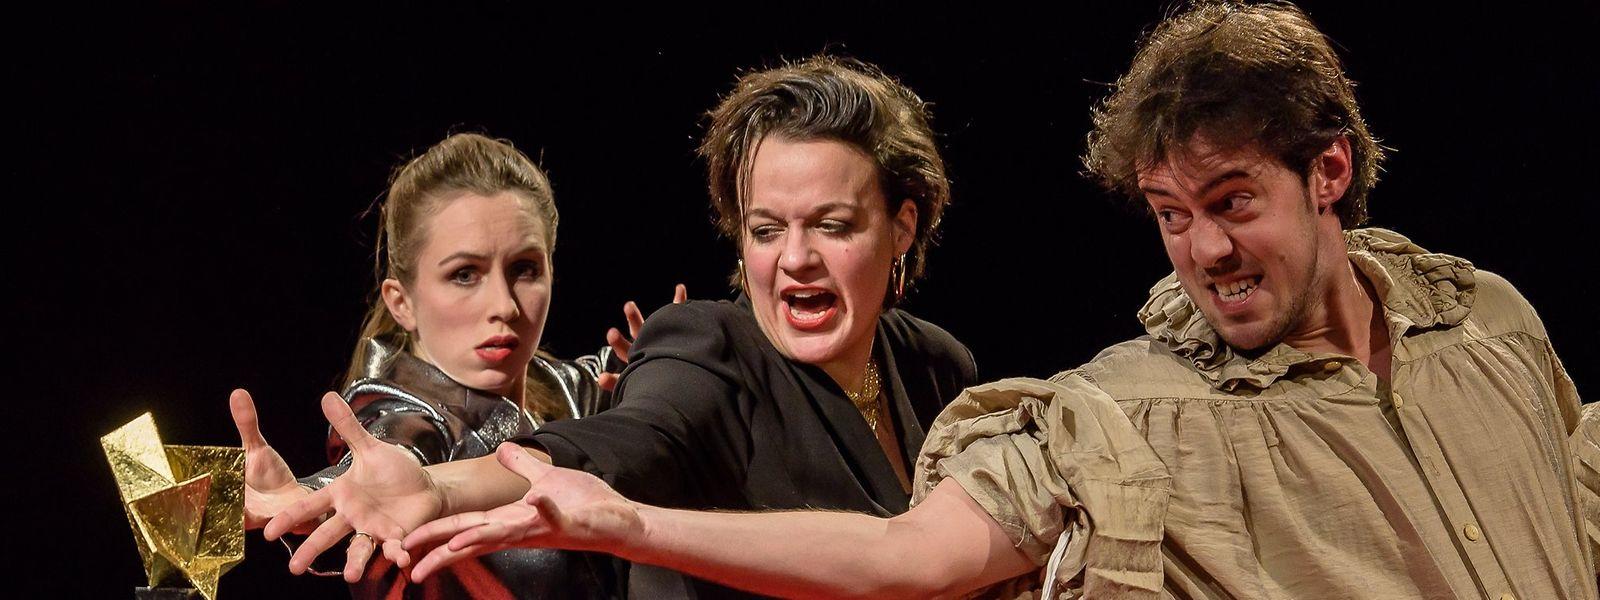 """Eine absurde Statue, ein Klumpen Gold, für den Film """"Klumpenapokalypse"""". Der Preis verhindert nicht, dass die drei Schauspieler endlos jammern: Eugénie Anselin, Anouk Wagener und Dominik Raneburger (v.l.n.r.)."""